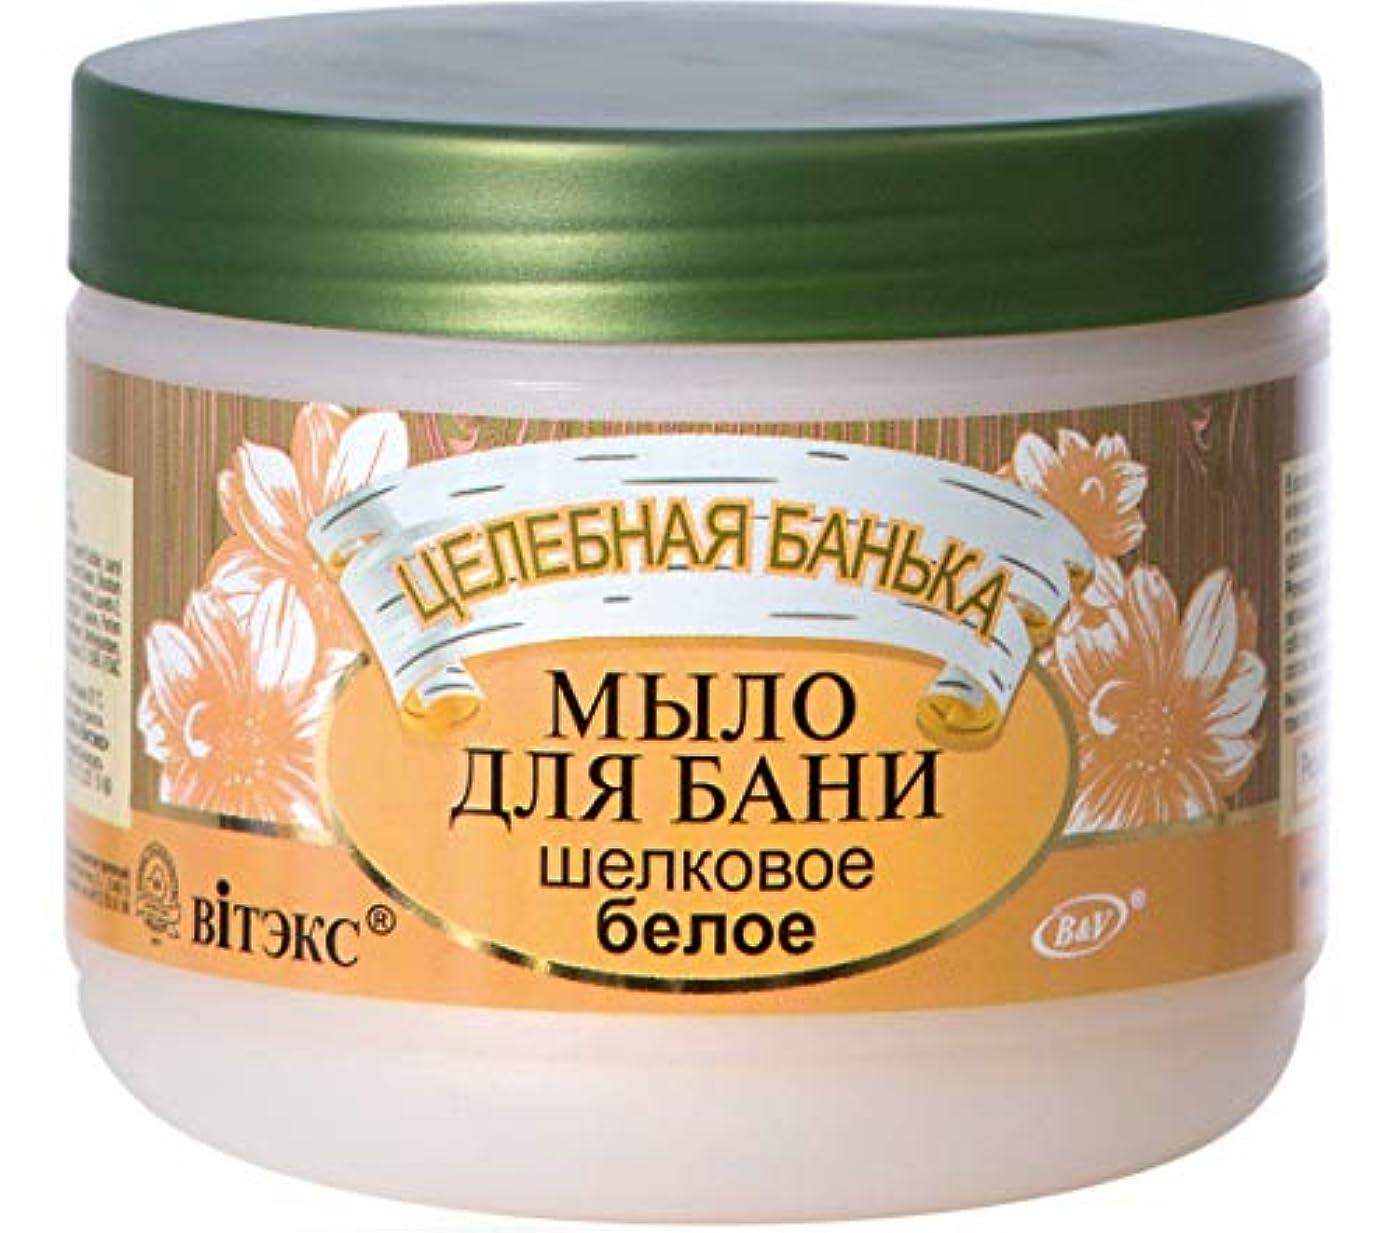 こだわり塩笑いBIELITA & VITEX | Healing Bath | Luxurious Thick & Silky WHITE SOAP